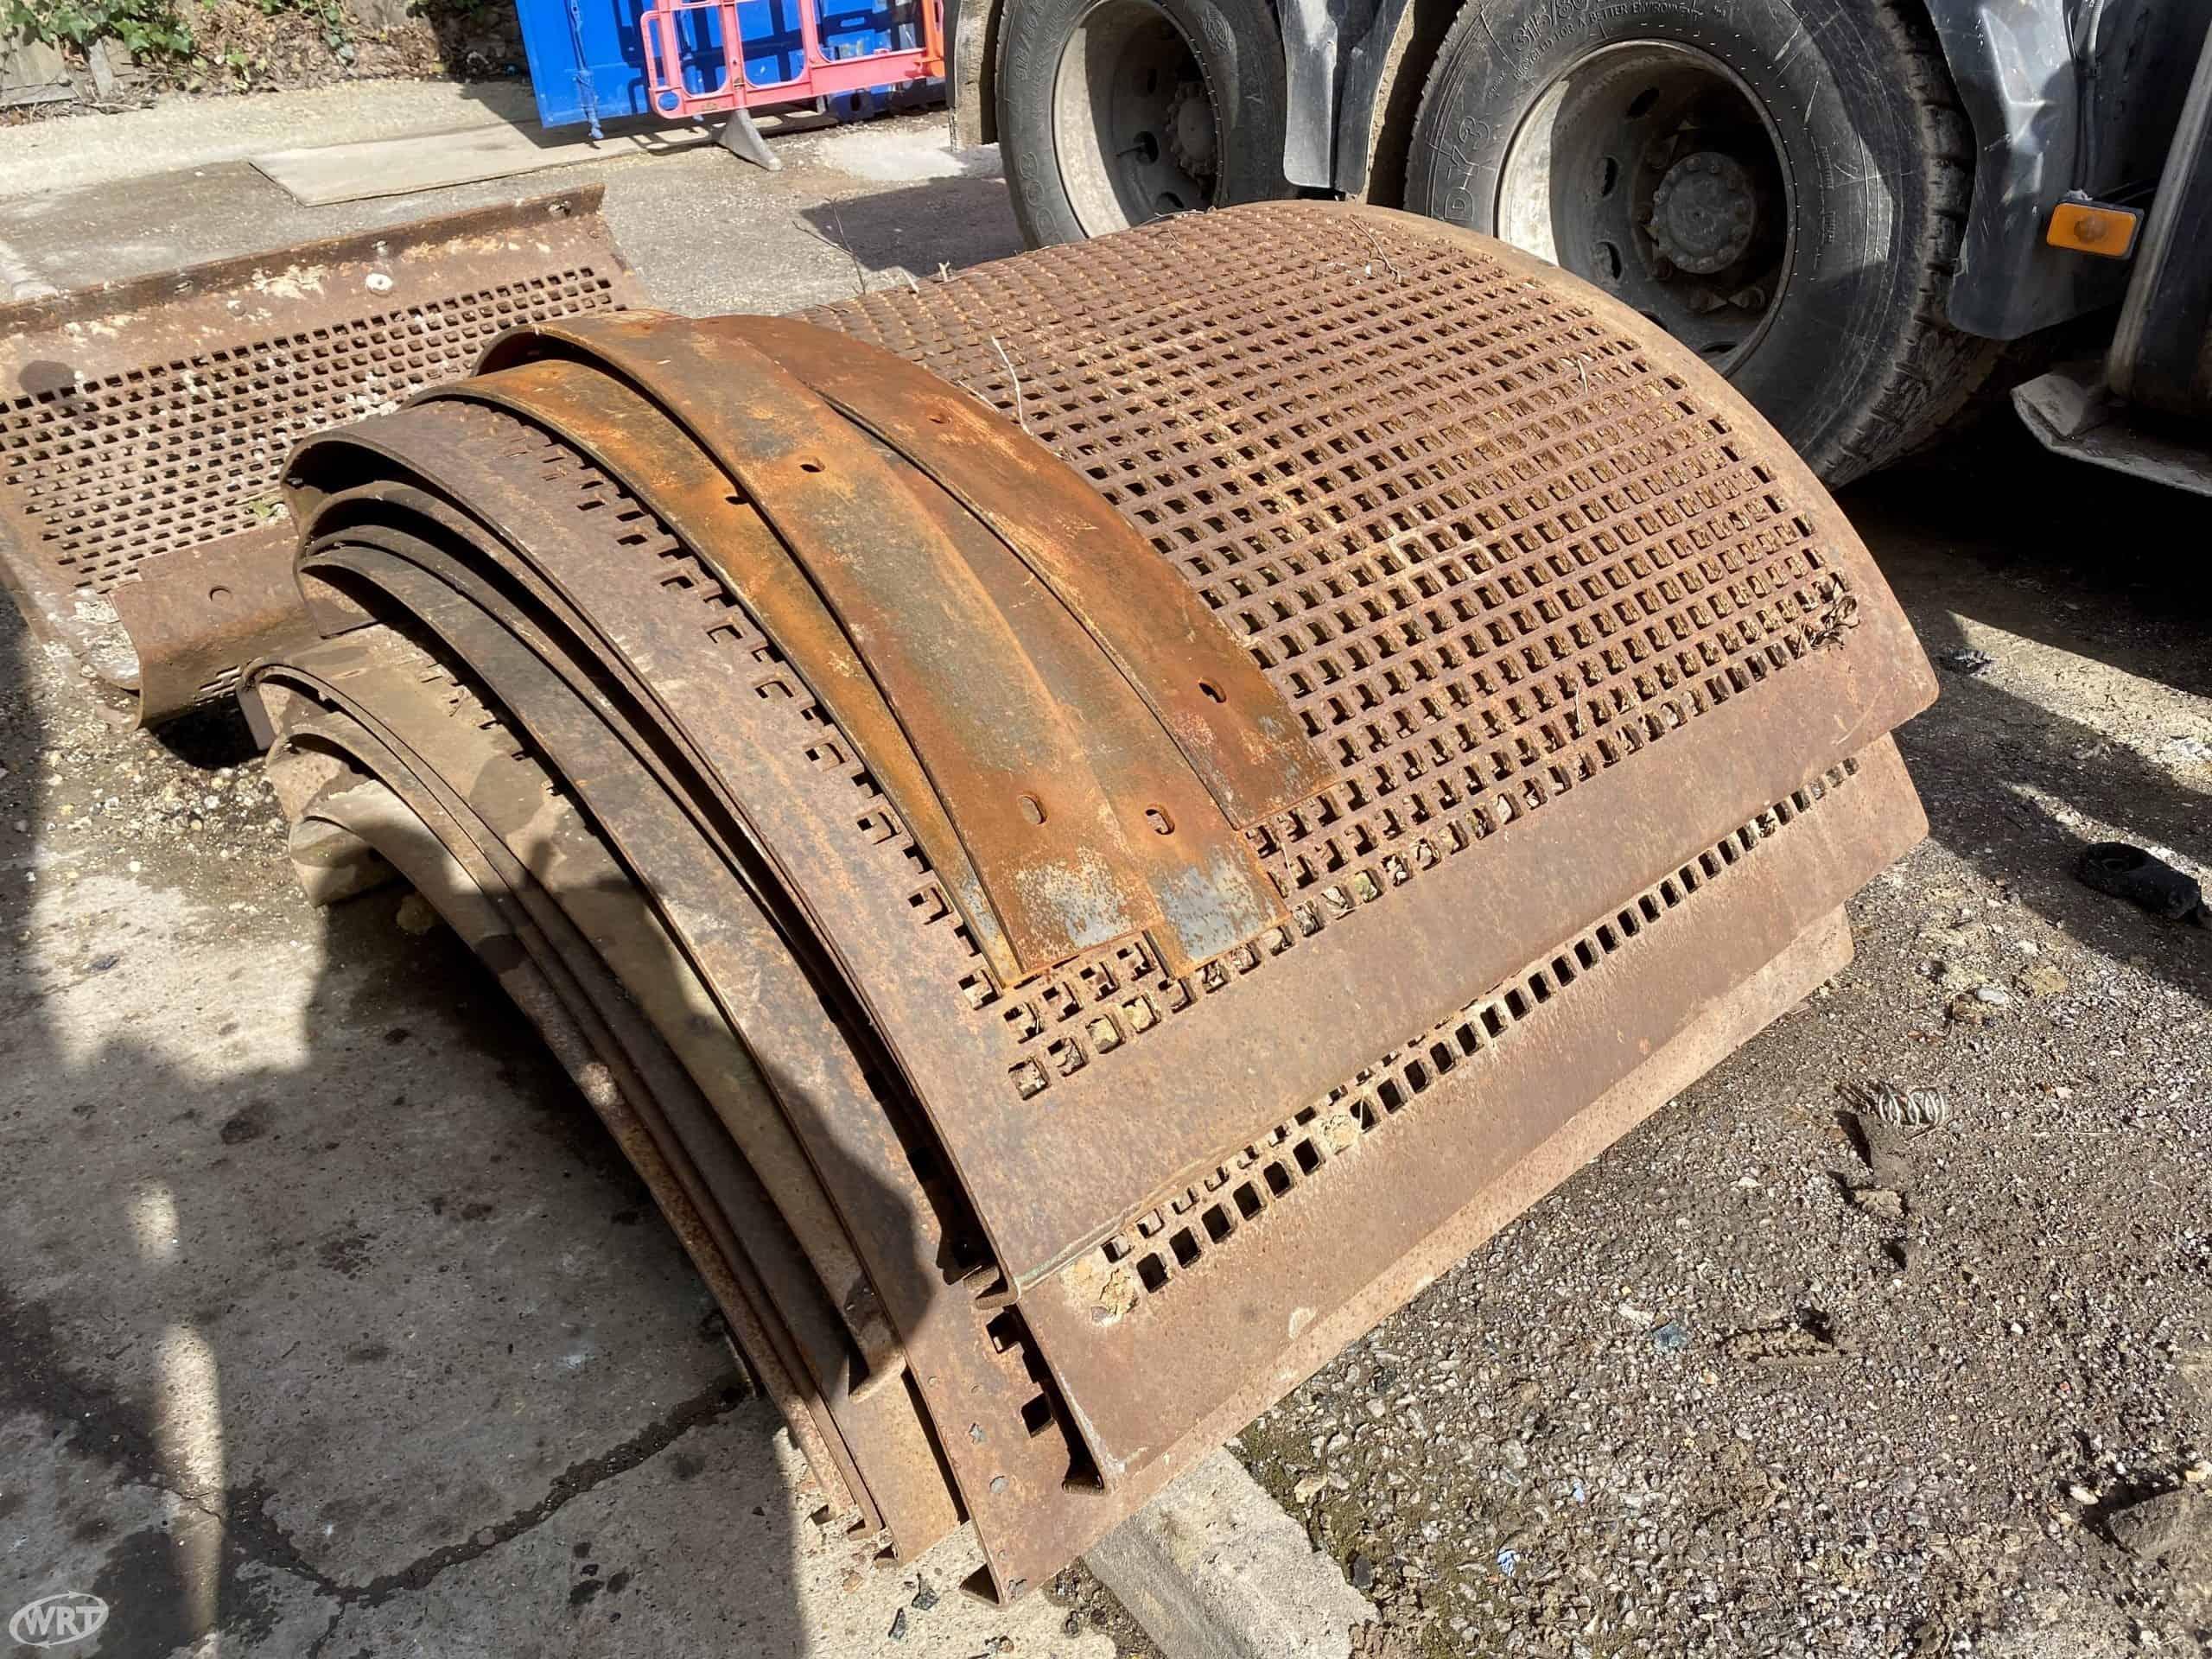 LJH/DUO TROMMEL SCREEN PLATE DECKS 25 mm